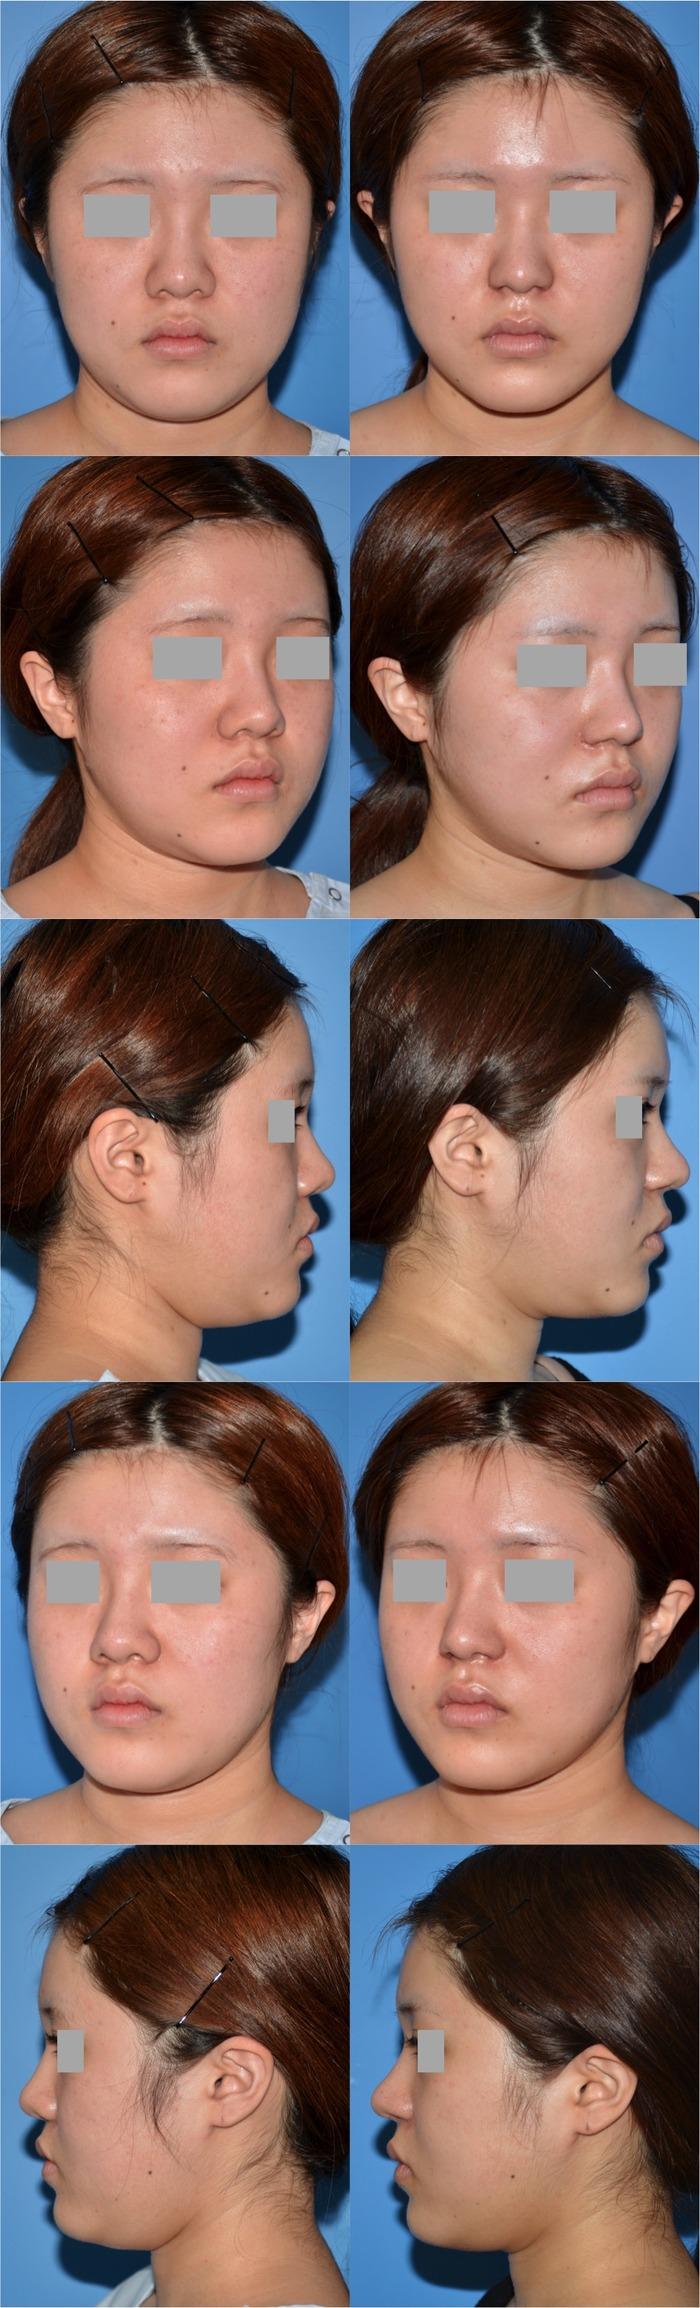 隆鼻術 鼻中隔延長術 鼻翼縮小術 KN  術後1ヶ月